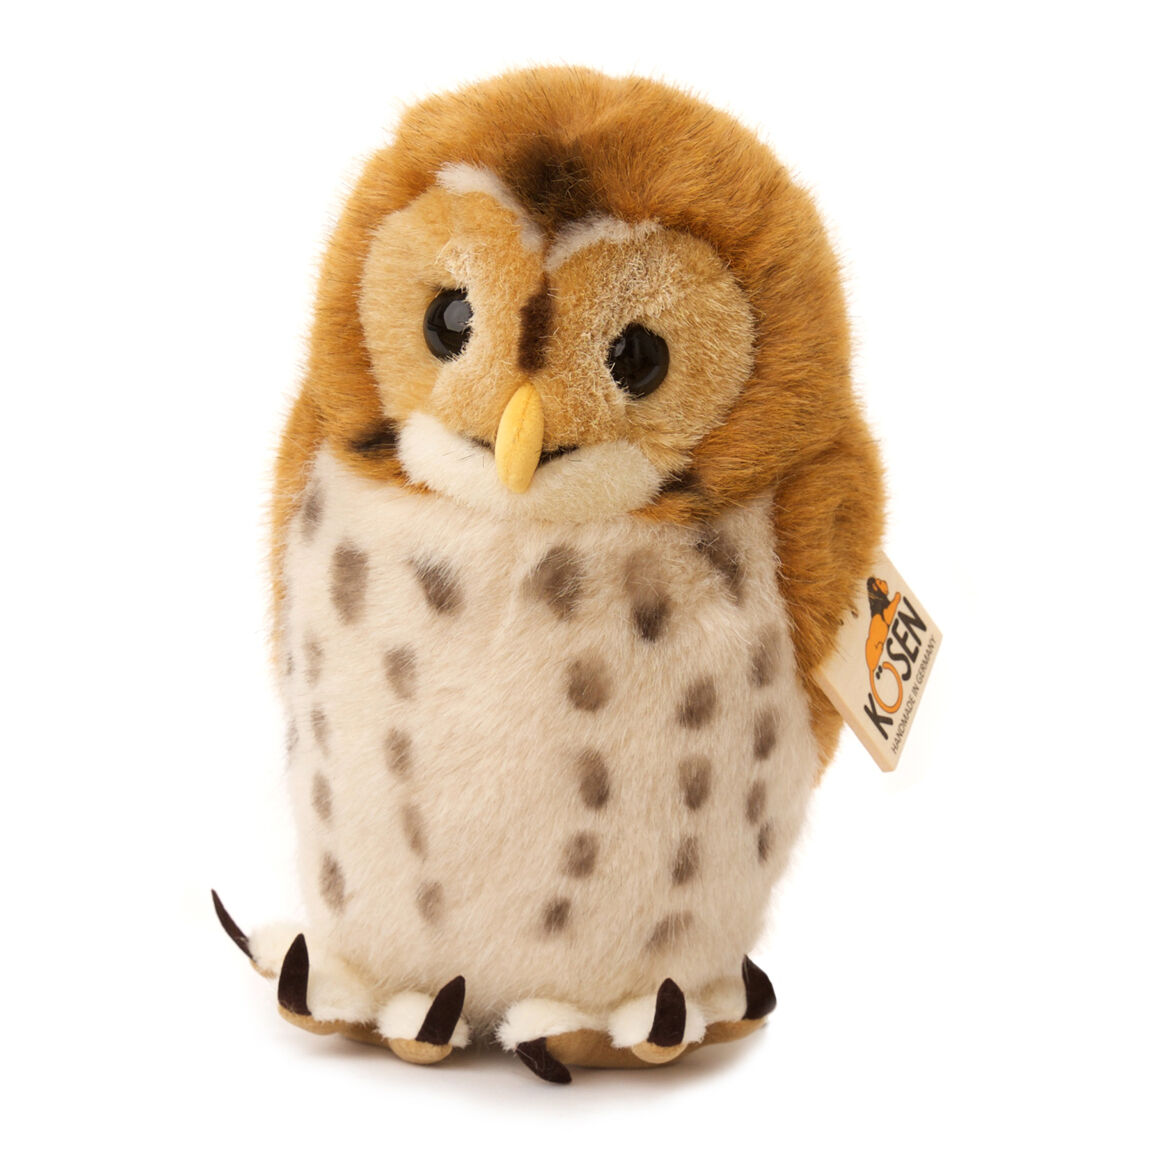 Tawny Owl plush collectable soft toy - Kosen   Kösen - 5400 - 22cm